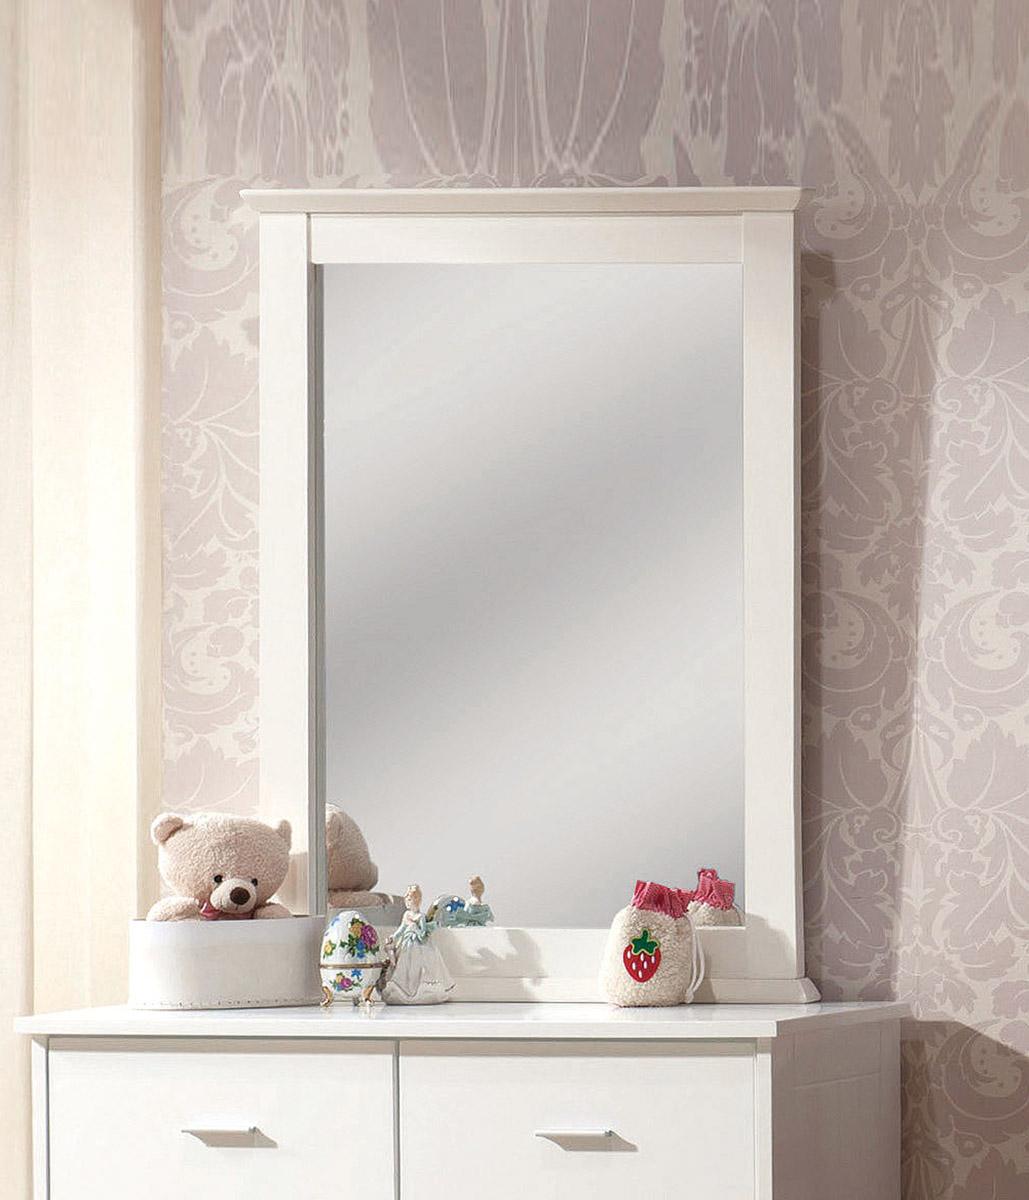 Acme Bungalow Mirror - White